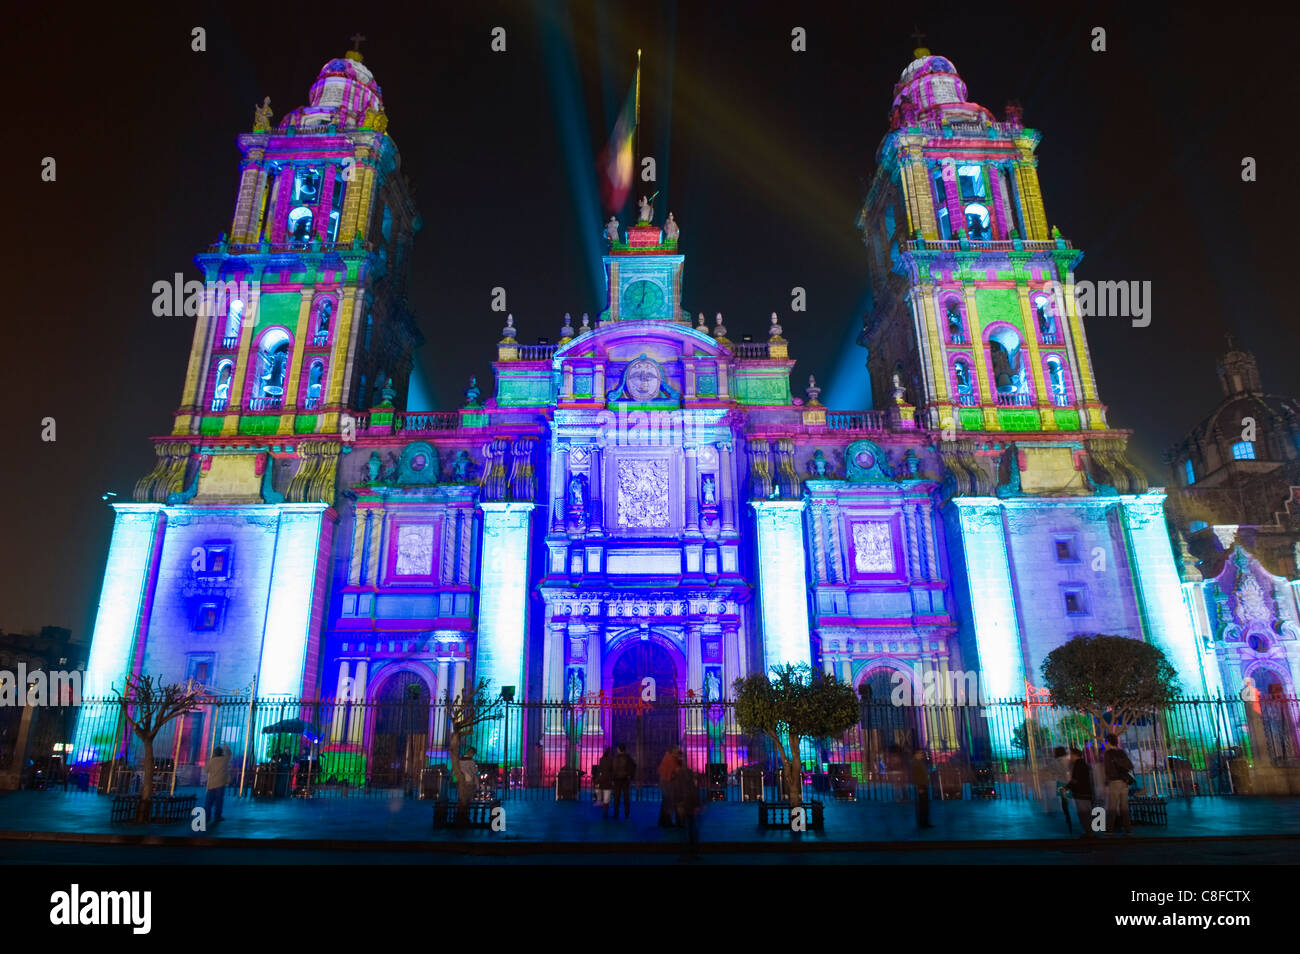 Espectáculo de luces en la Catedral Metropolitana, el Distrito Federal, Ciudad de México, México Imagen De Stock